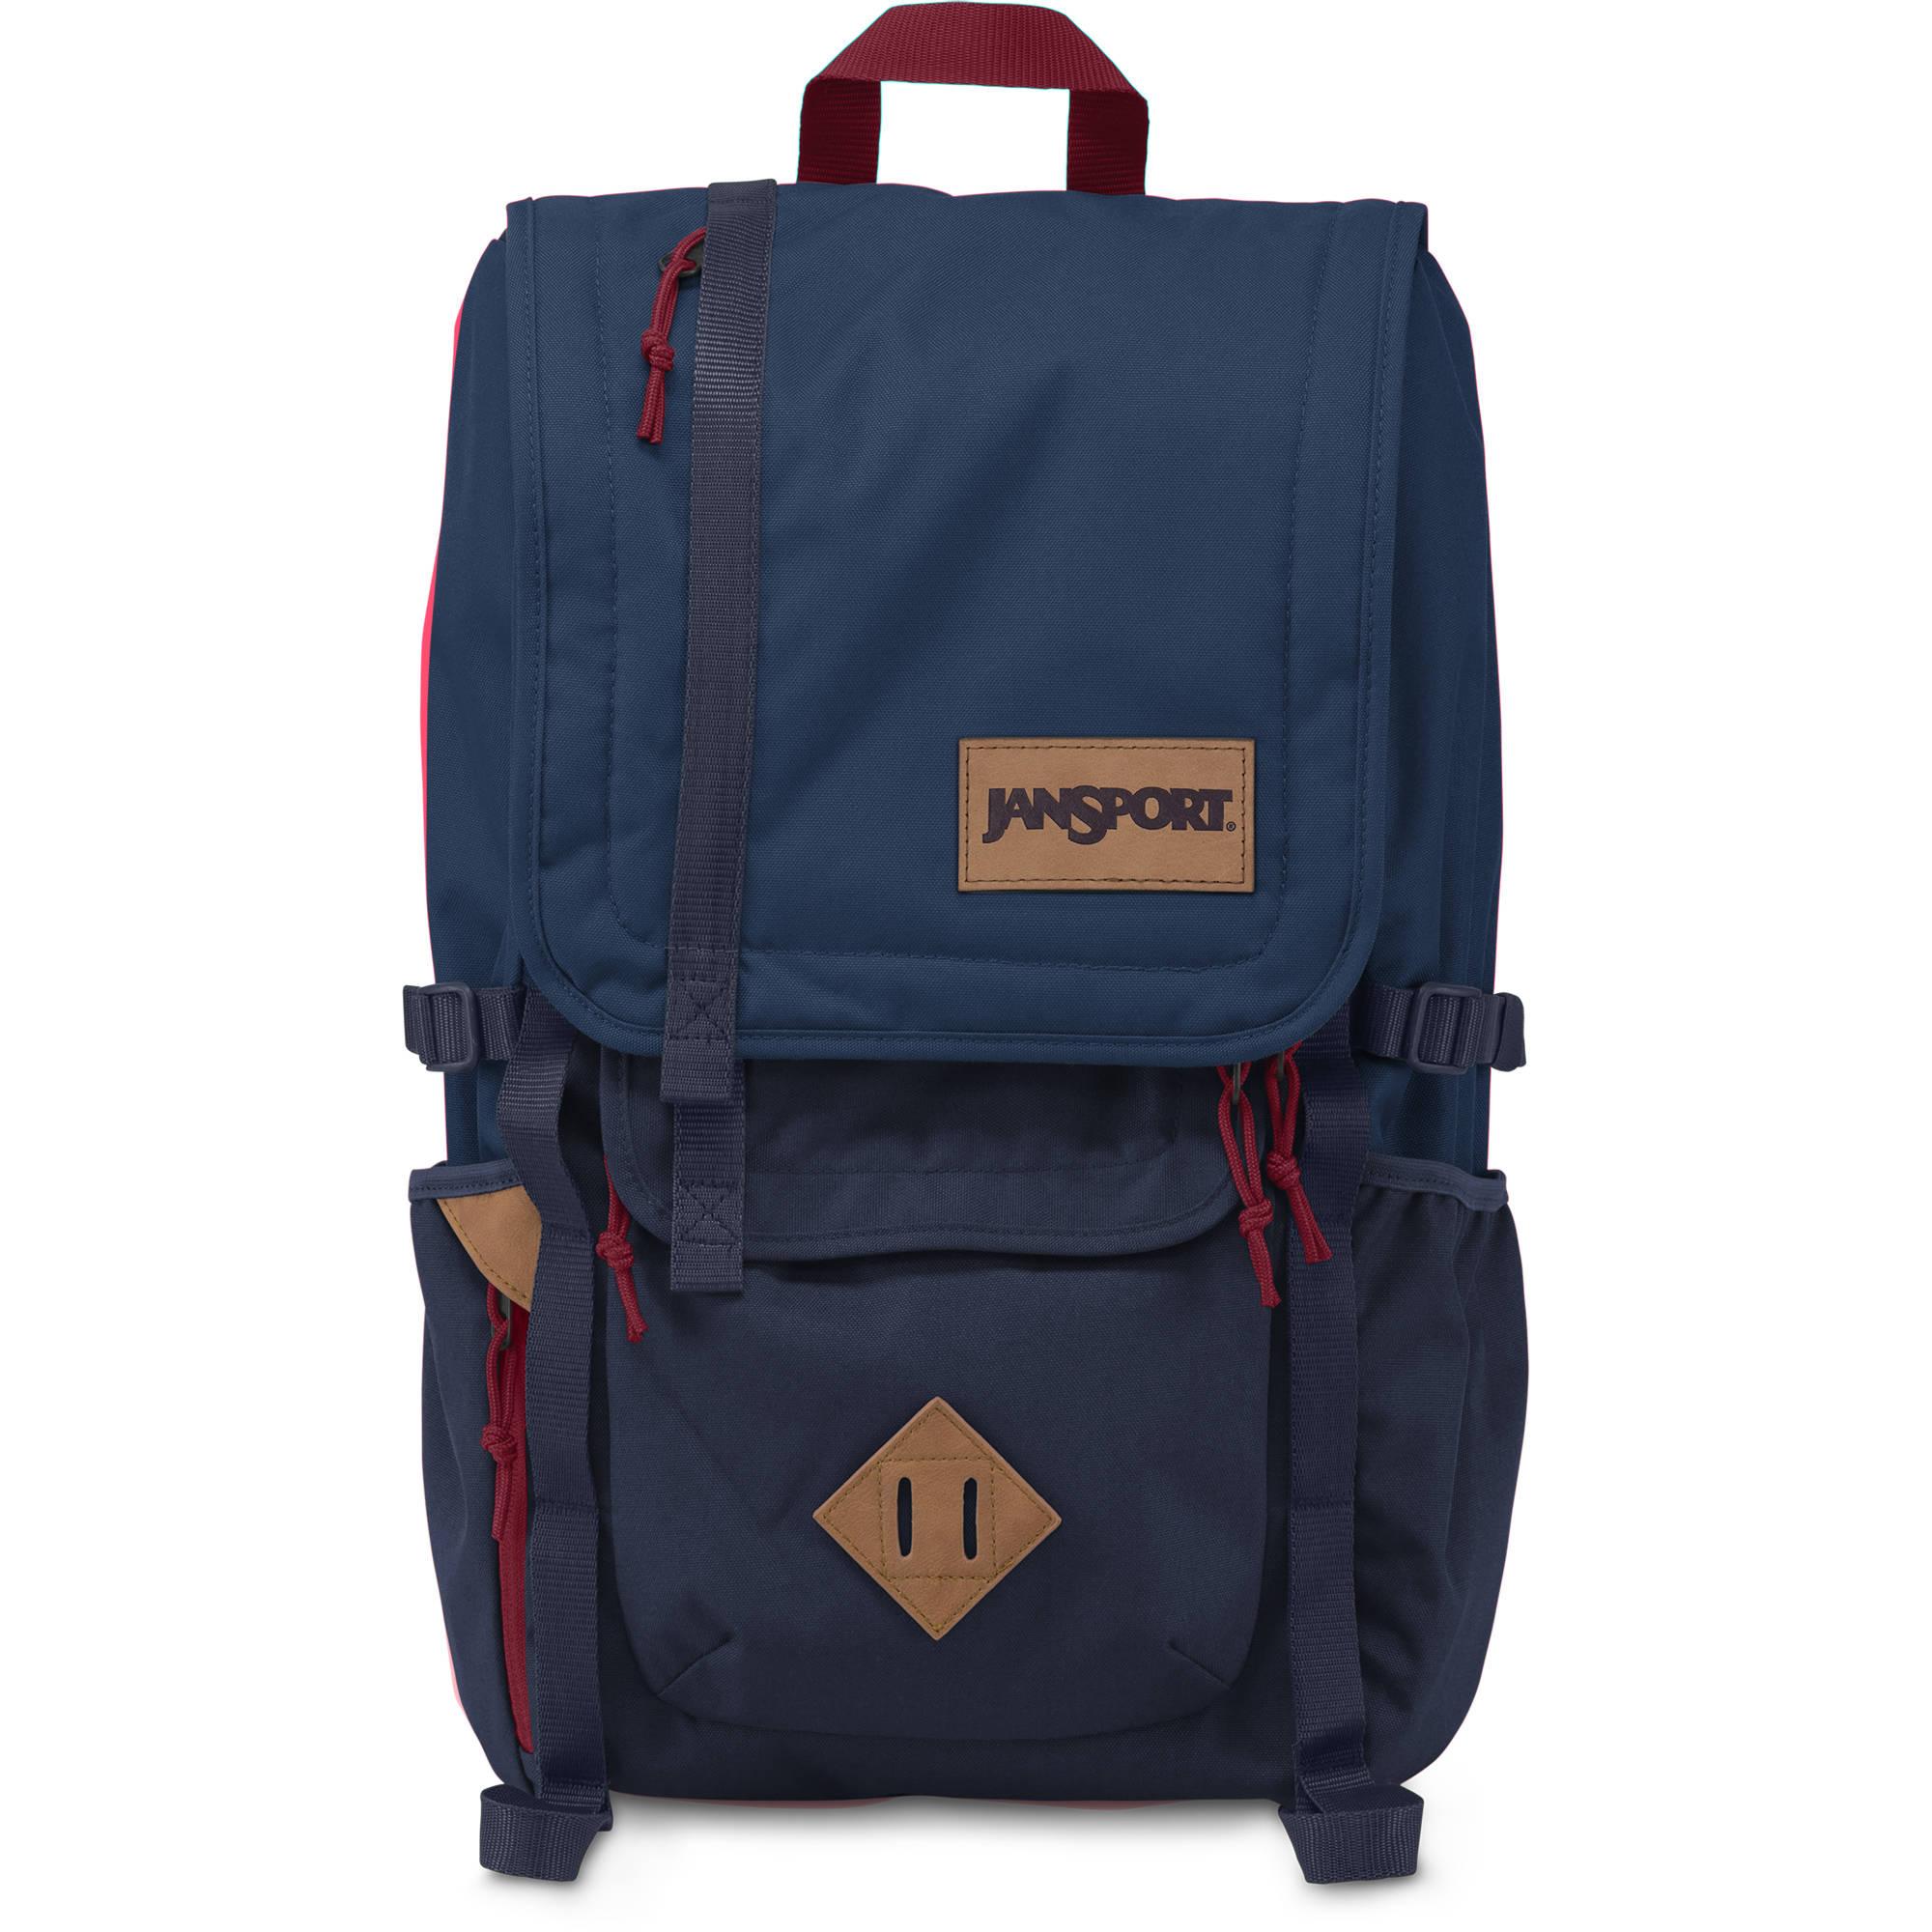 JanSport Hatchet 28L Backpack (Midnight Sky) T52S04Z B&H Photo